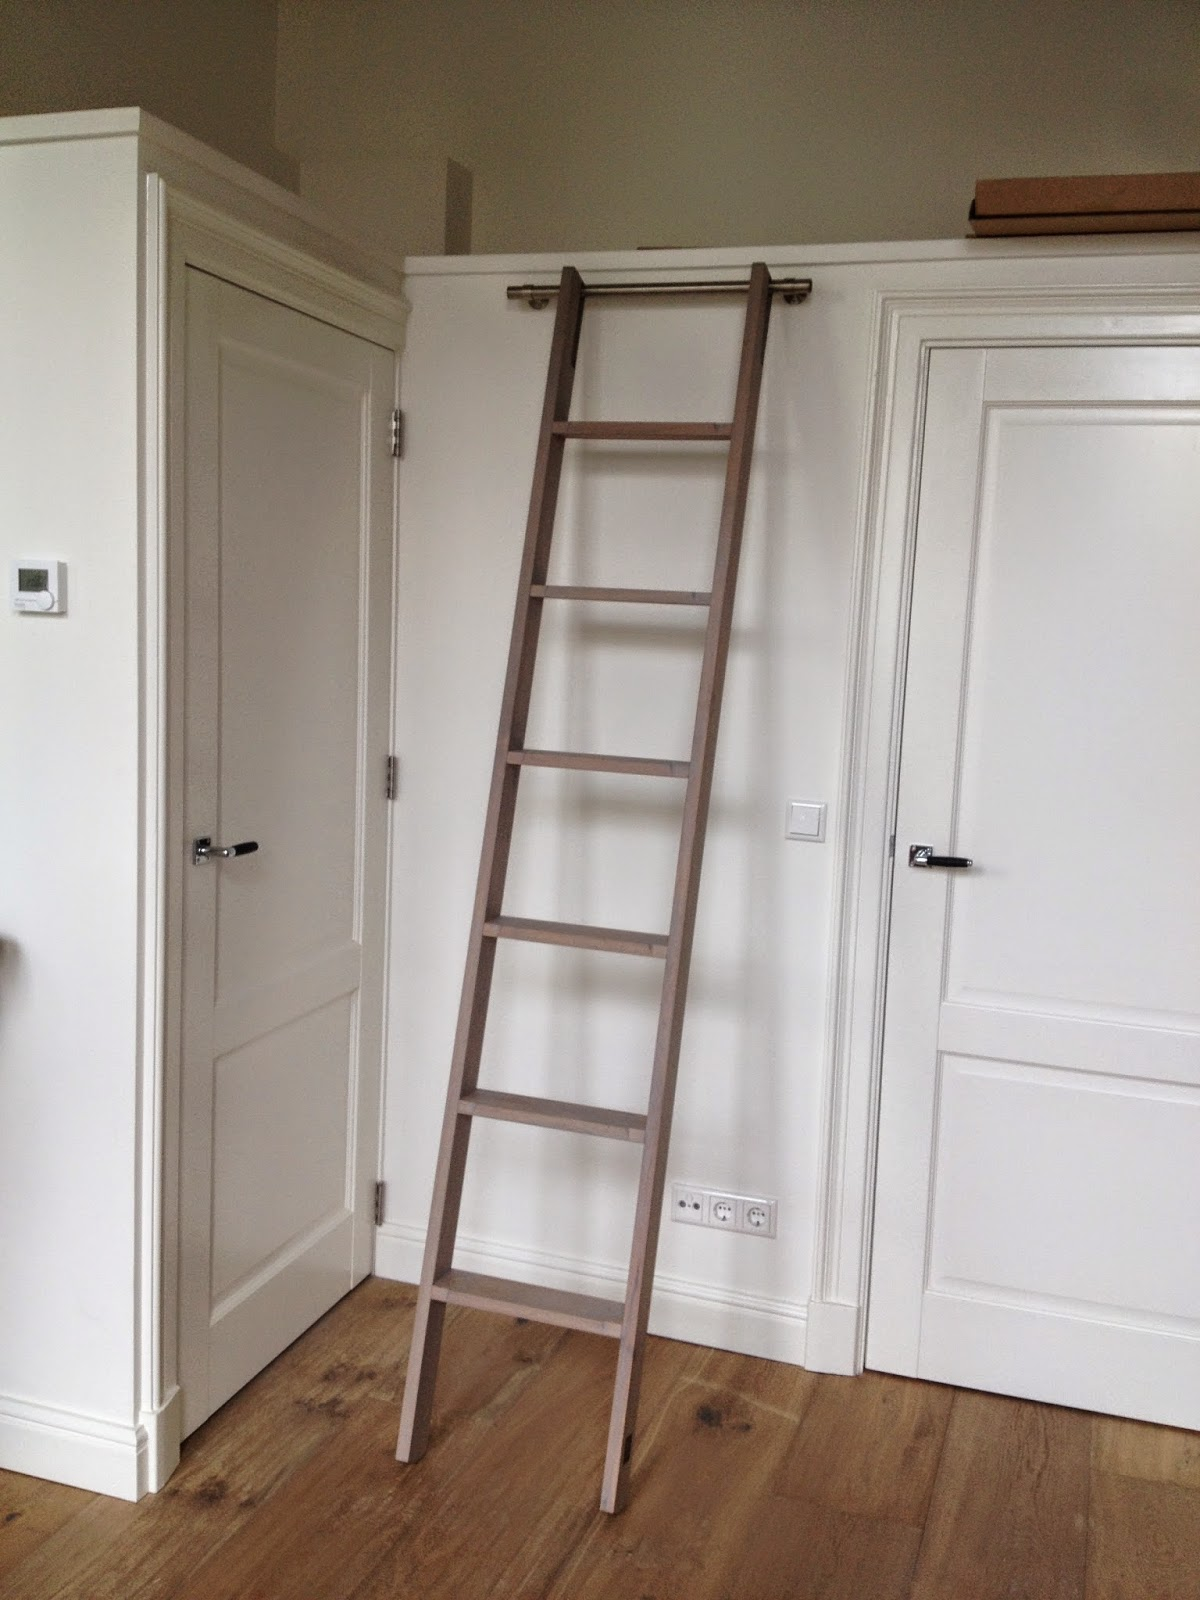 Bedwelming Zelf Houten Ladder Maken &MU79 – Aboriginaltourismontario @OT65